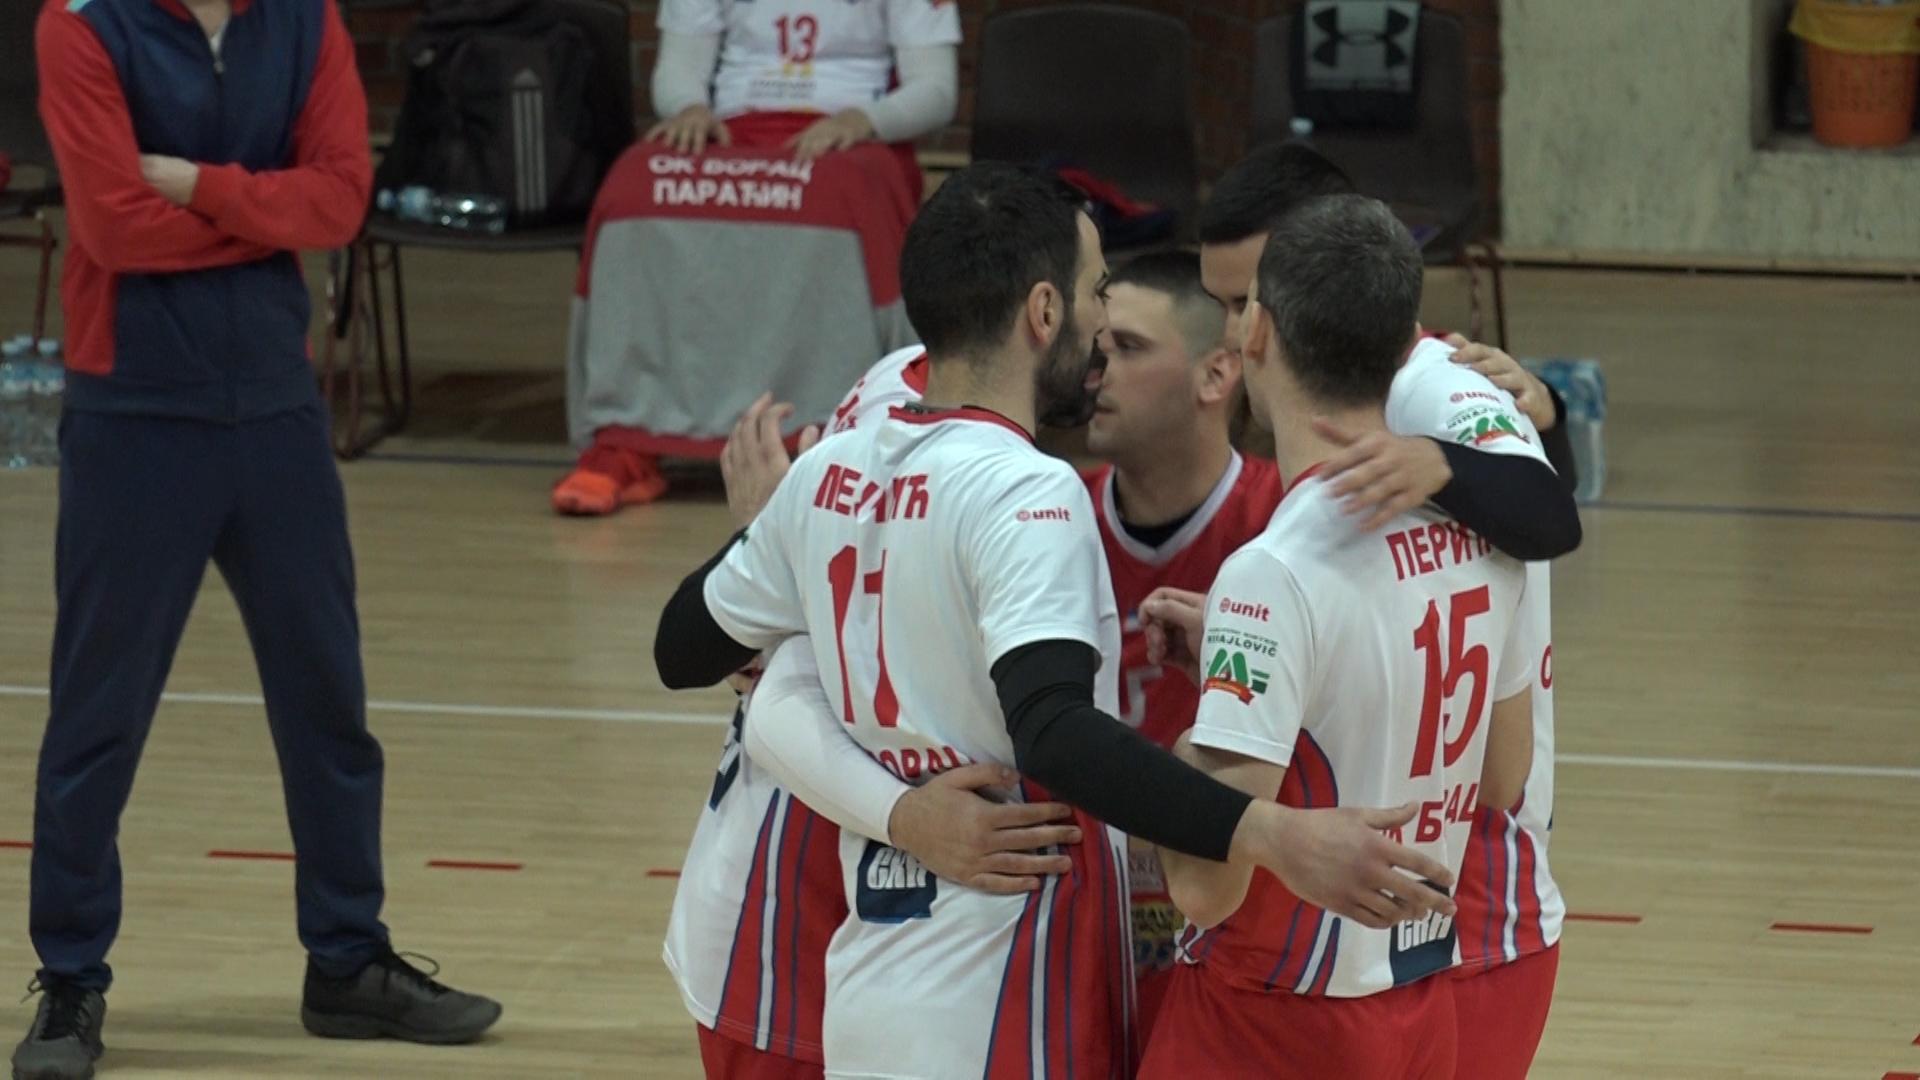 Odbojkaši paraćinskog Borca na Crvenu zvezdu u 1/8 finala Kupa Srbije